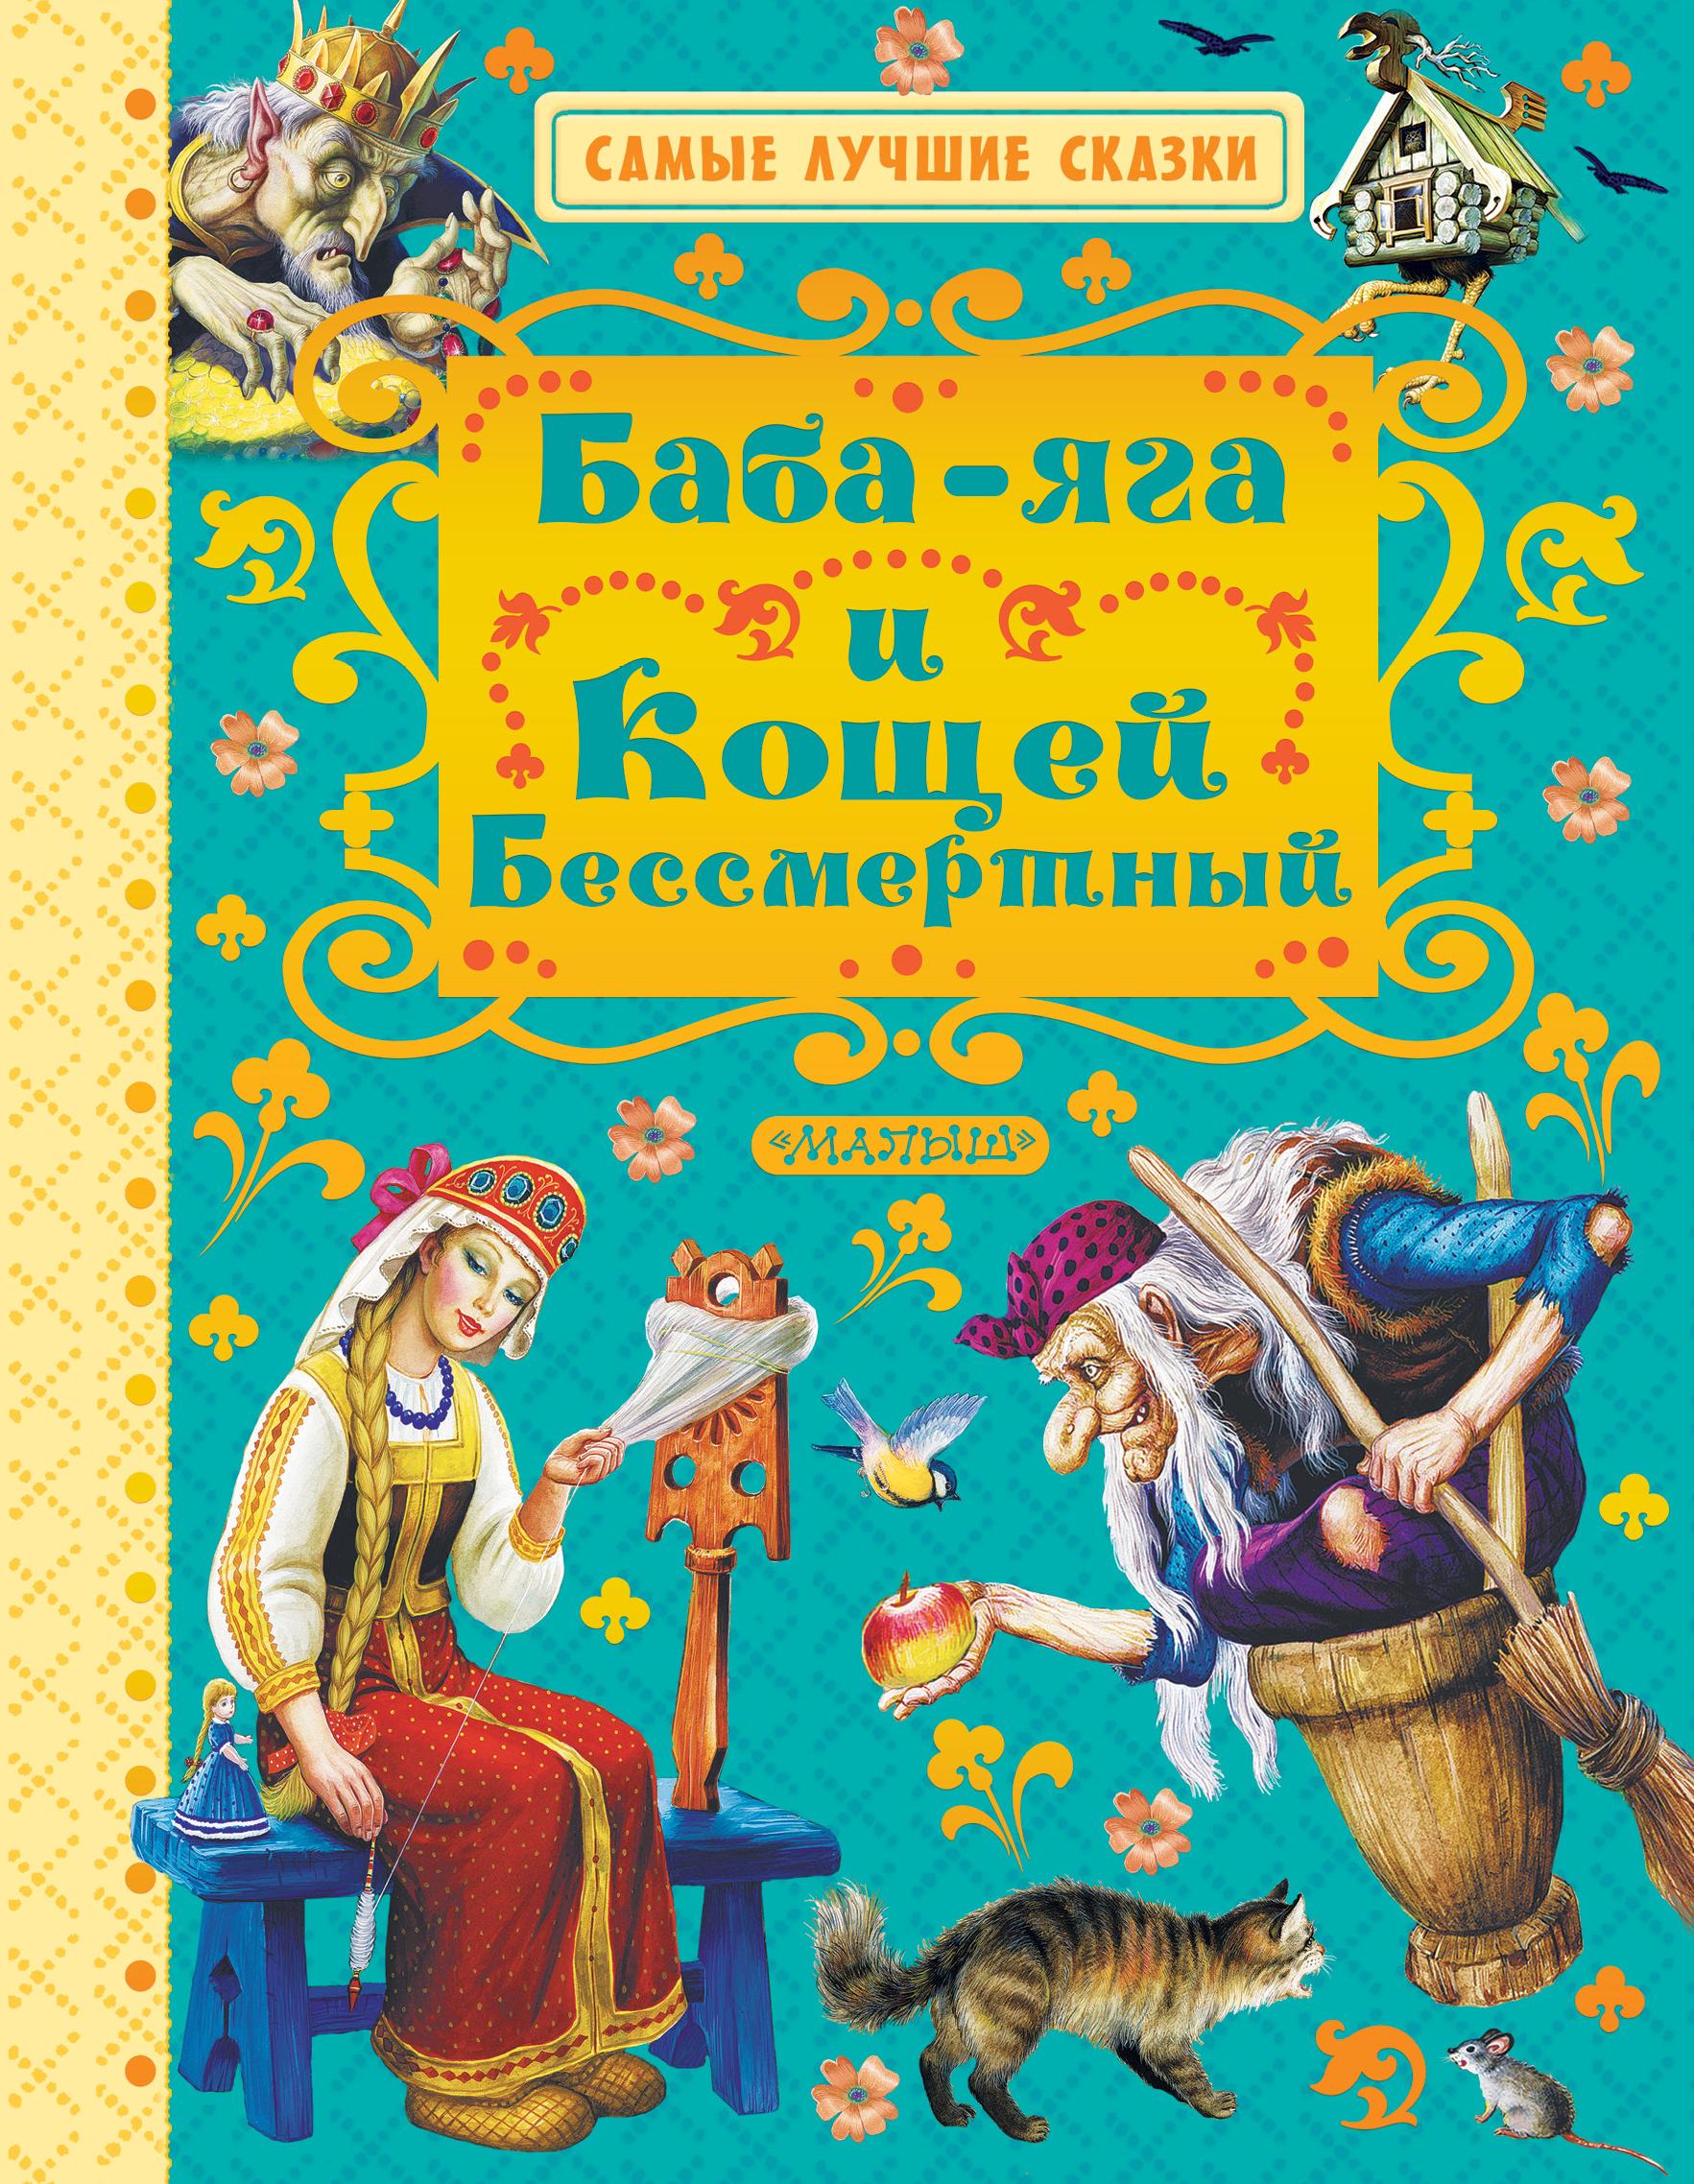 А.Н. Толстой, А. Афанасьев, И. Карнаухова Баба-яга и Кощей Бессмертный баба яга и другие сказки